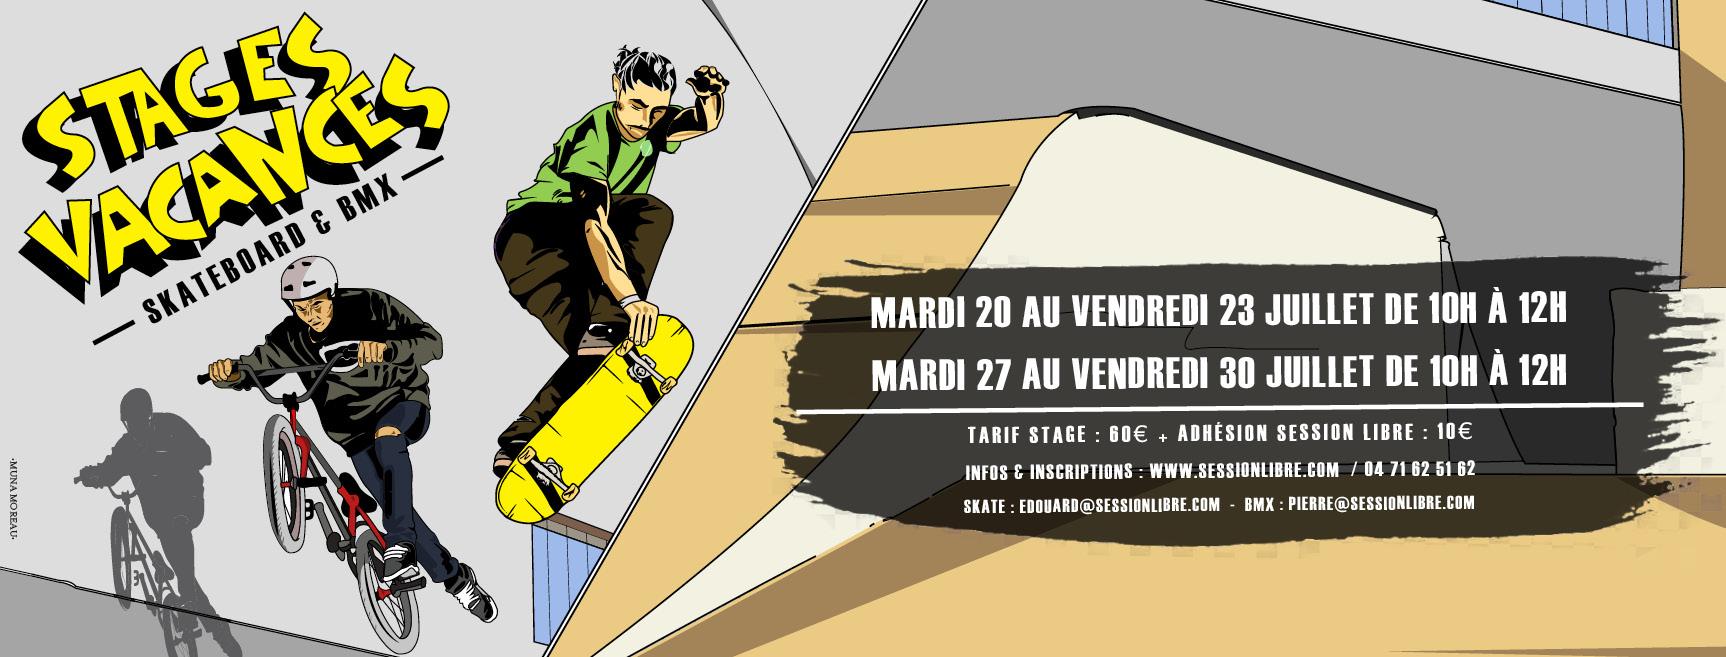 STAGES VACANCES ÉTÉ 2021 (Skate / BMX)